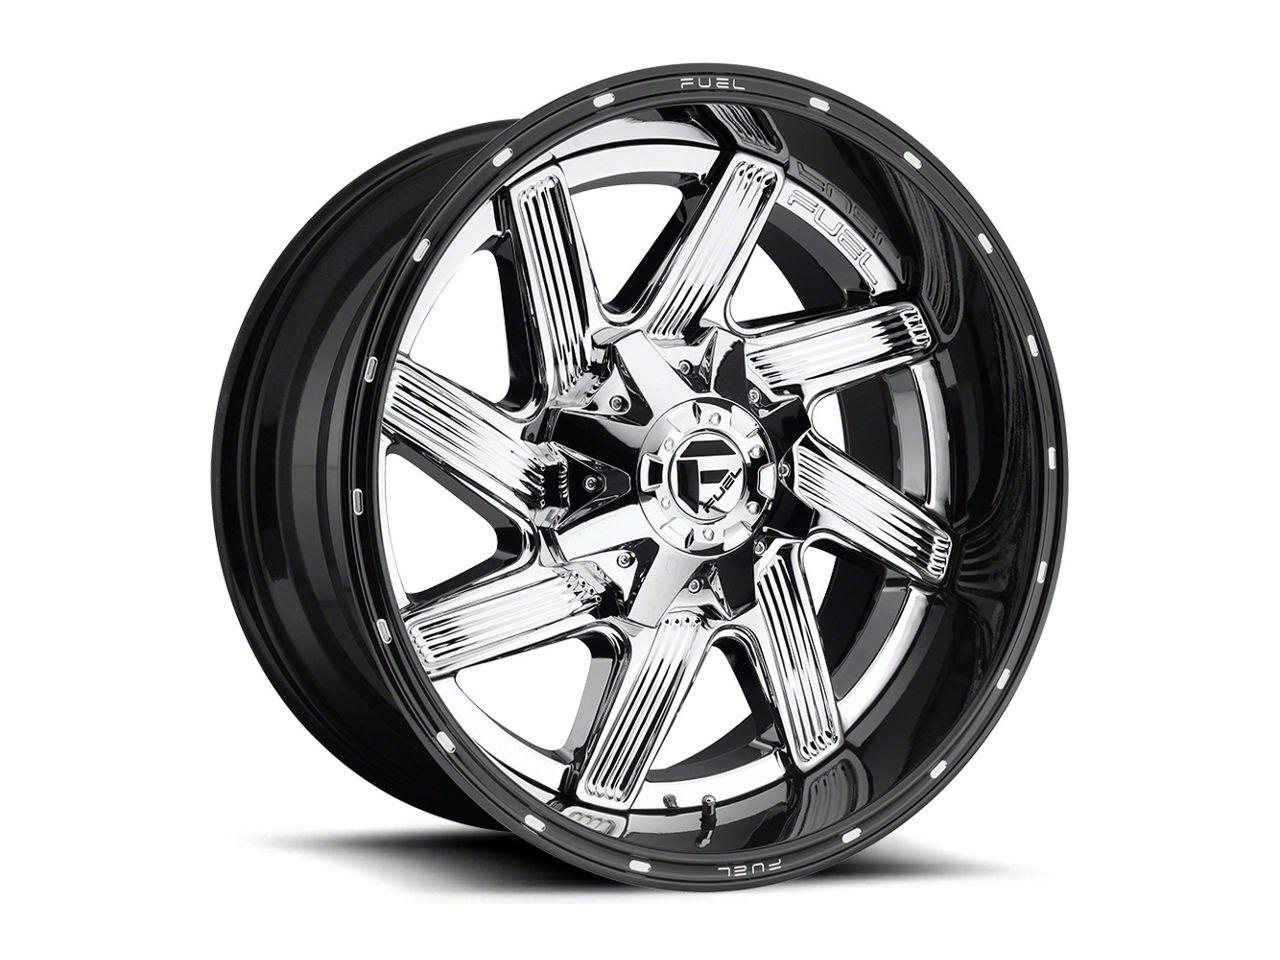 Fuel Wheels Moab Chrome 6-Lug Wheel - 20x12 (99-18 Silverado 1500)